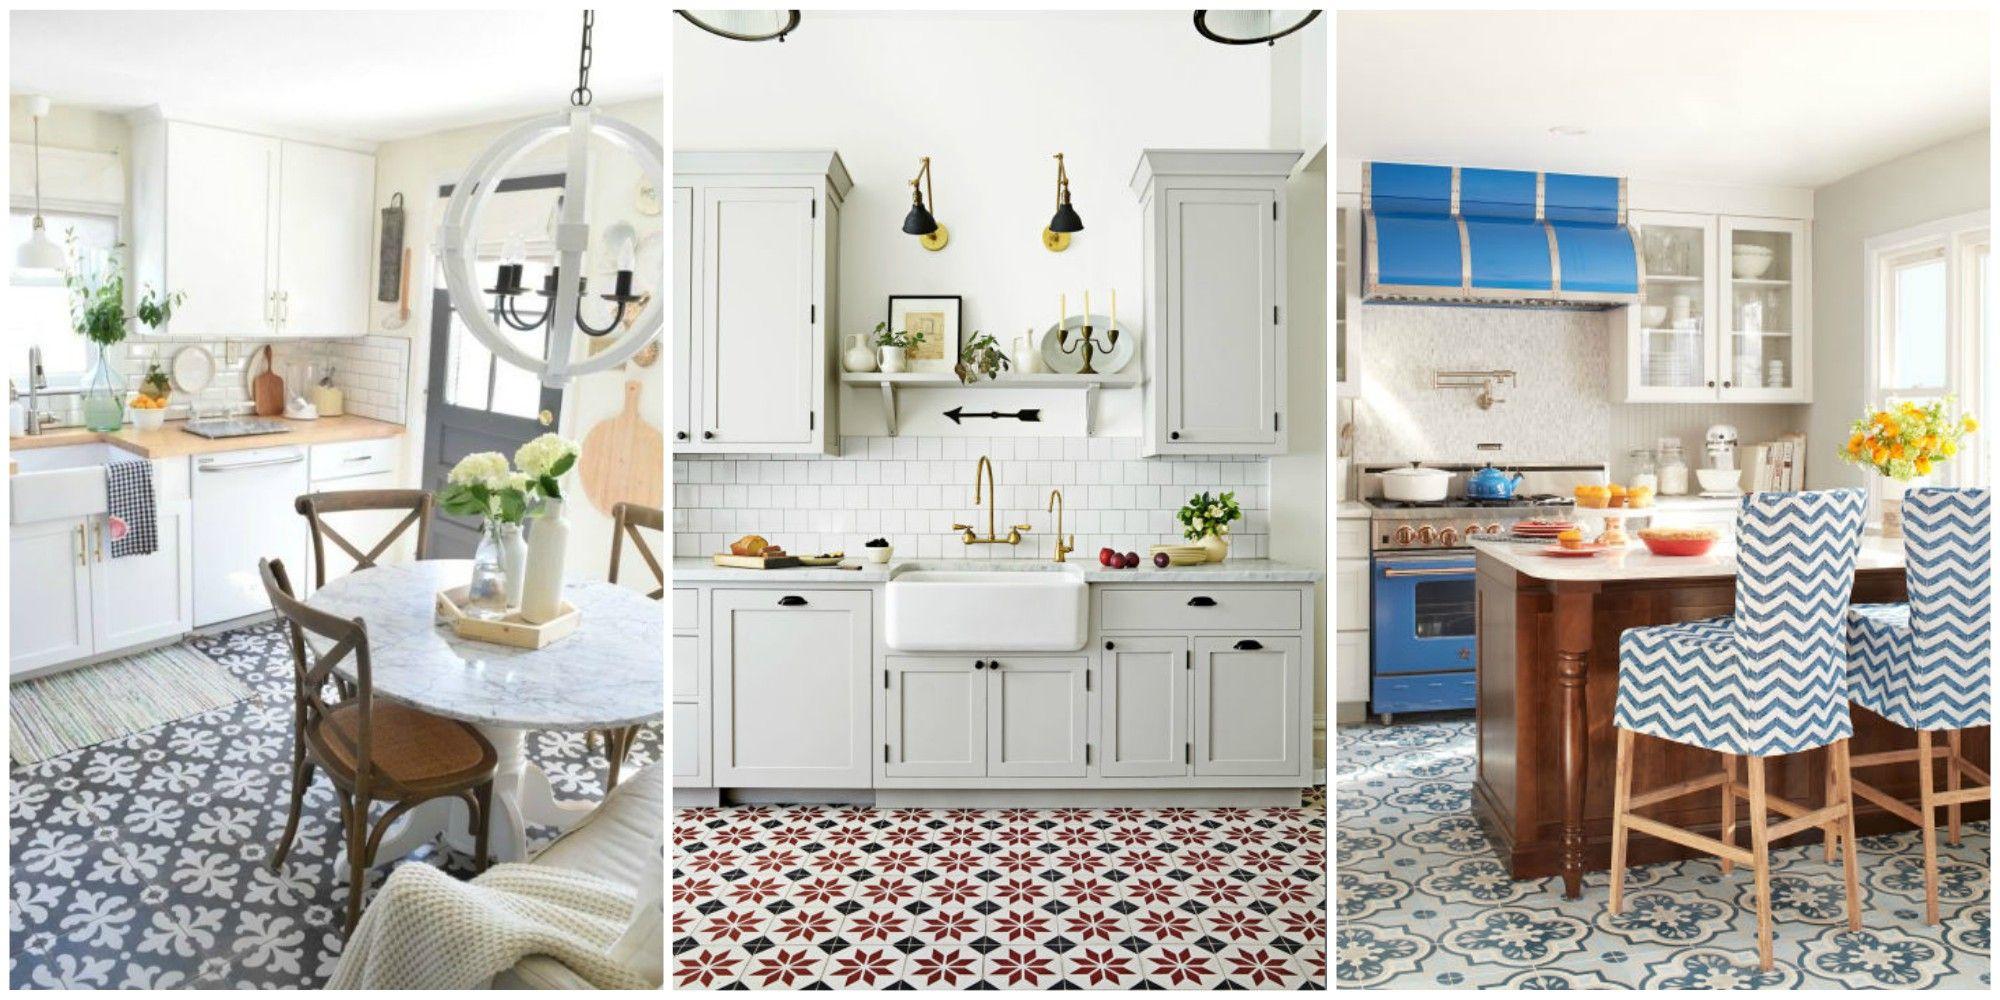 patterned tile floors for kitchen